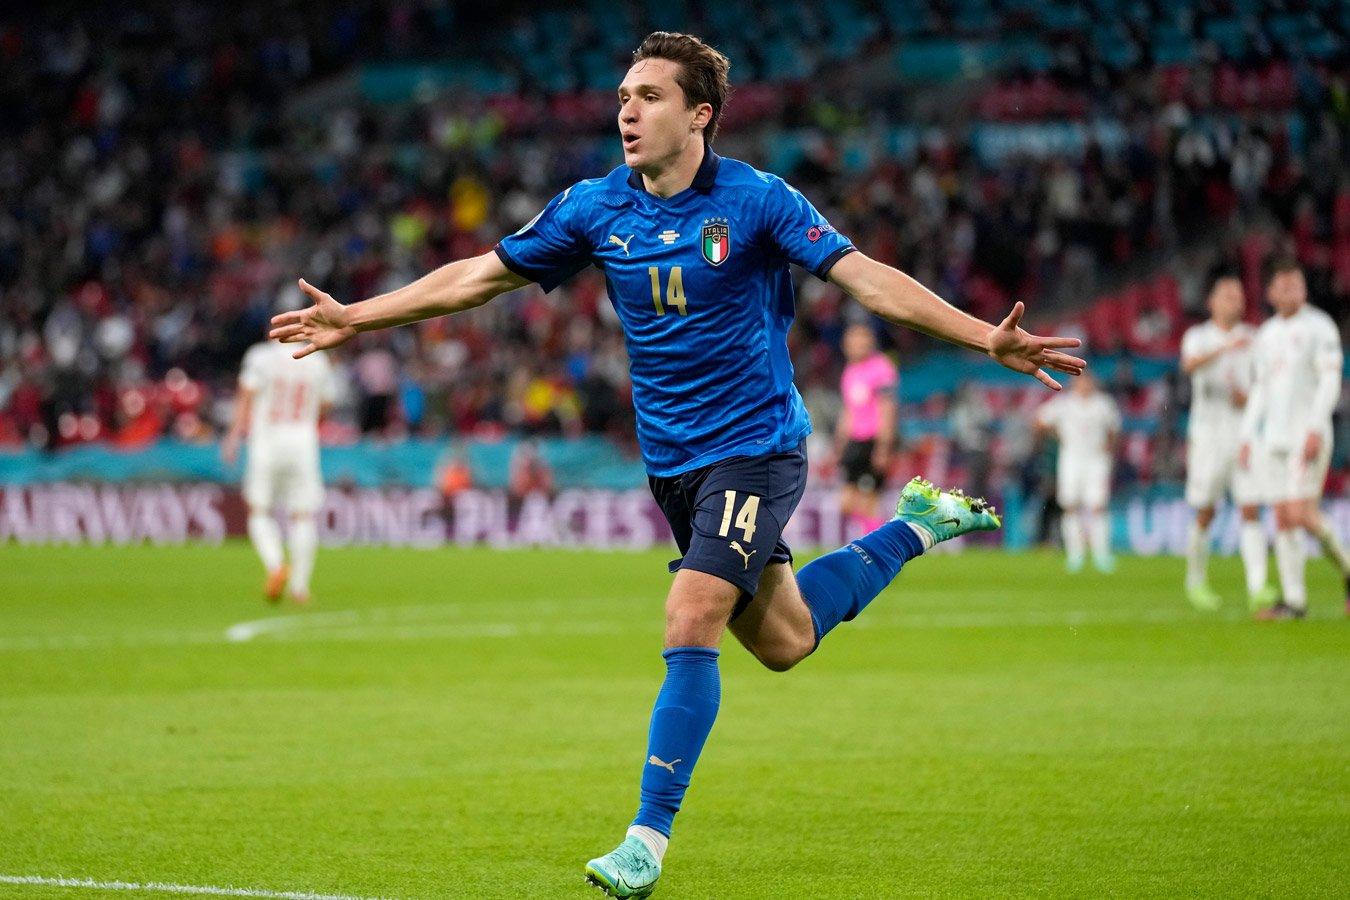 Сборная Италии вышла в финал Евро-2020, обыграв Испанию в серии пенальти